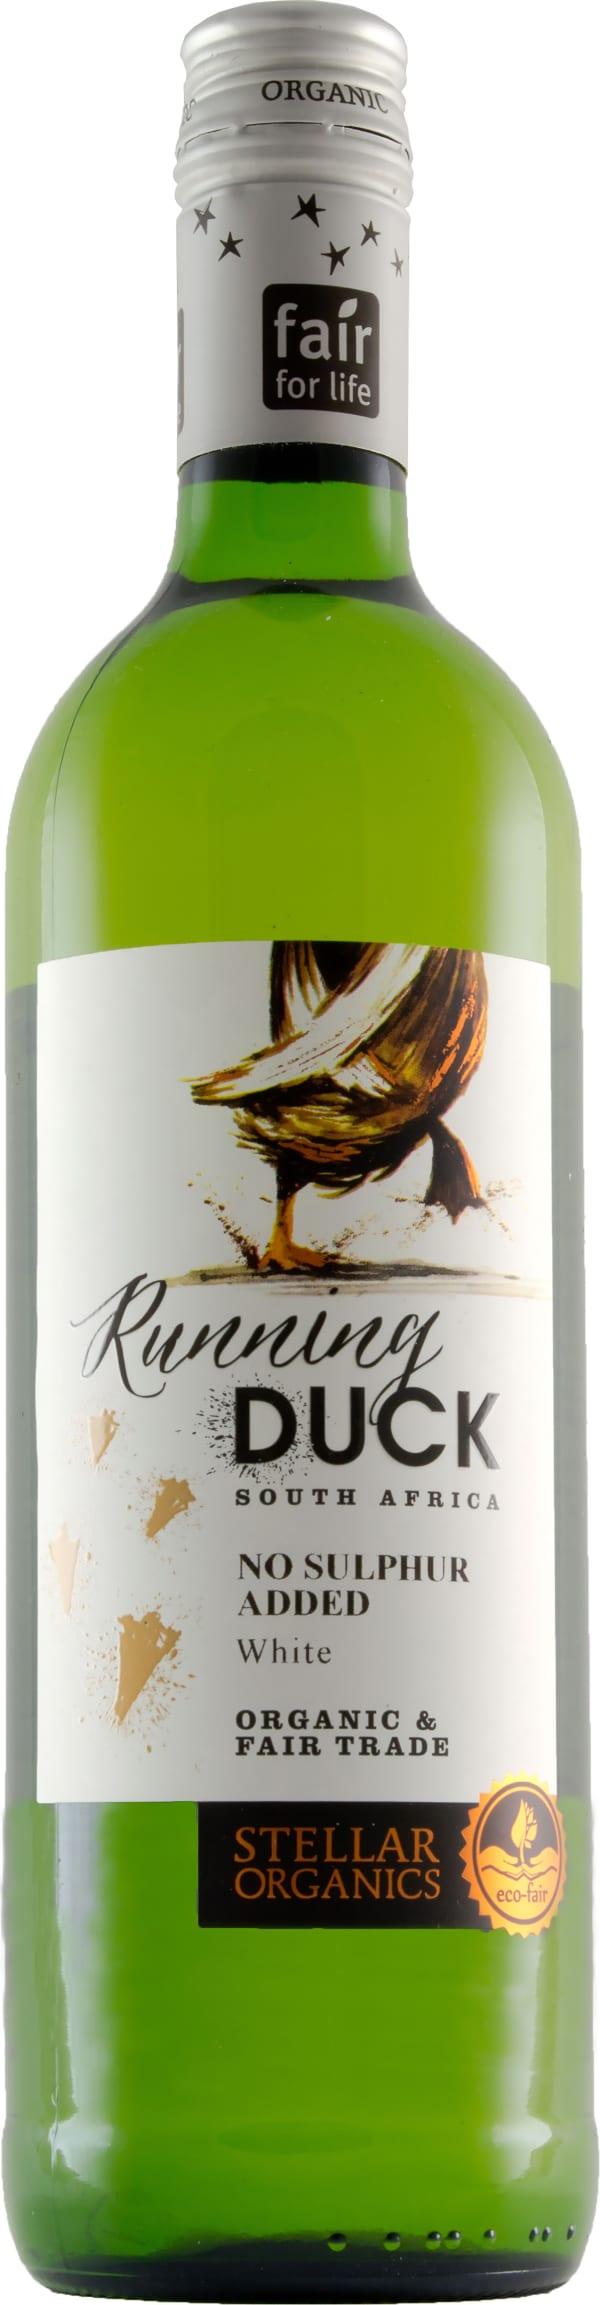 Running Duck White 2018